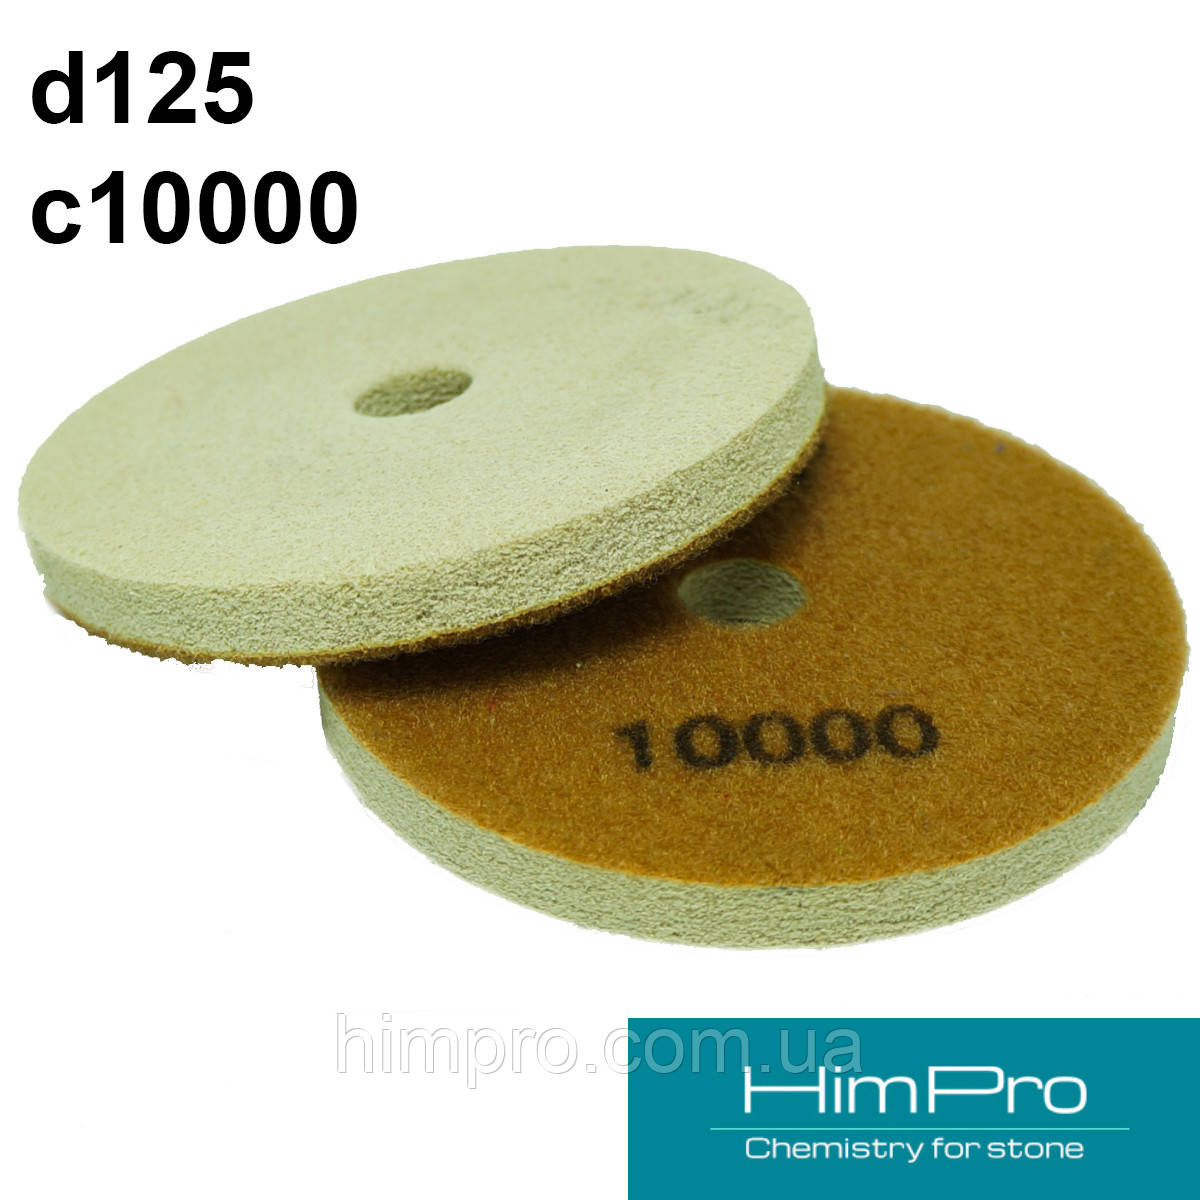 Алмазные спонжи d125 C10000